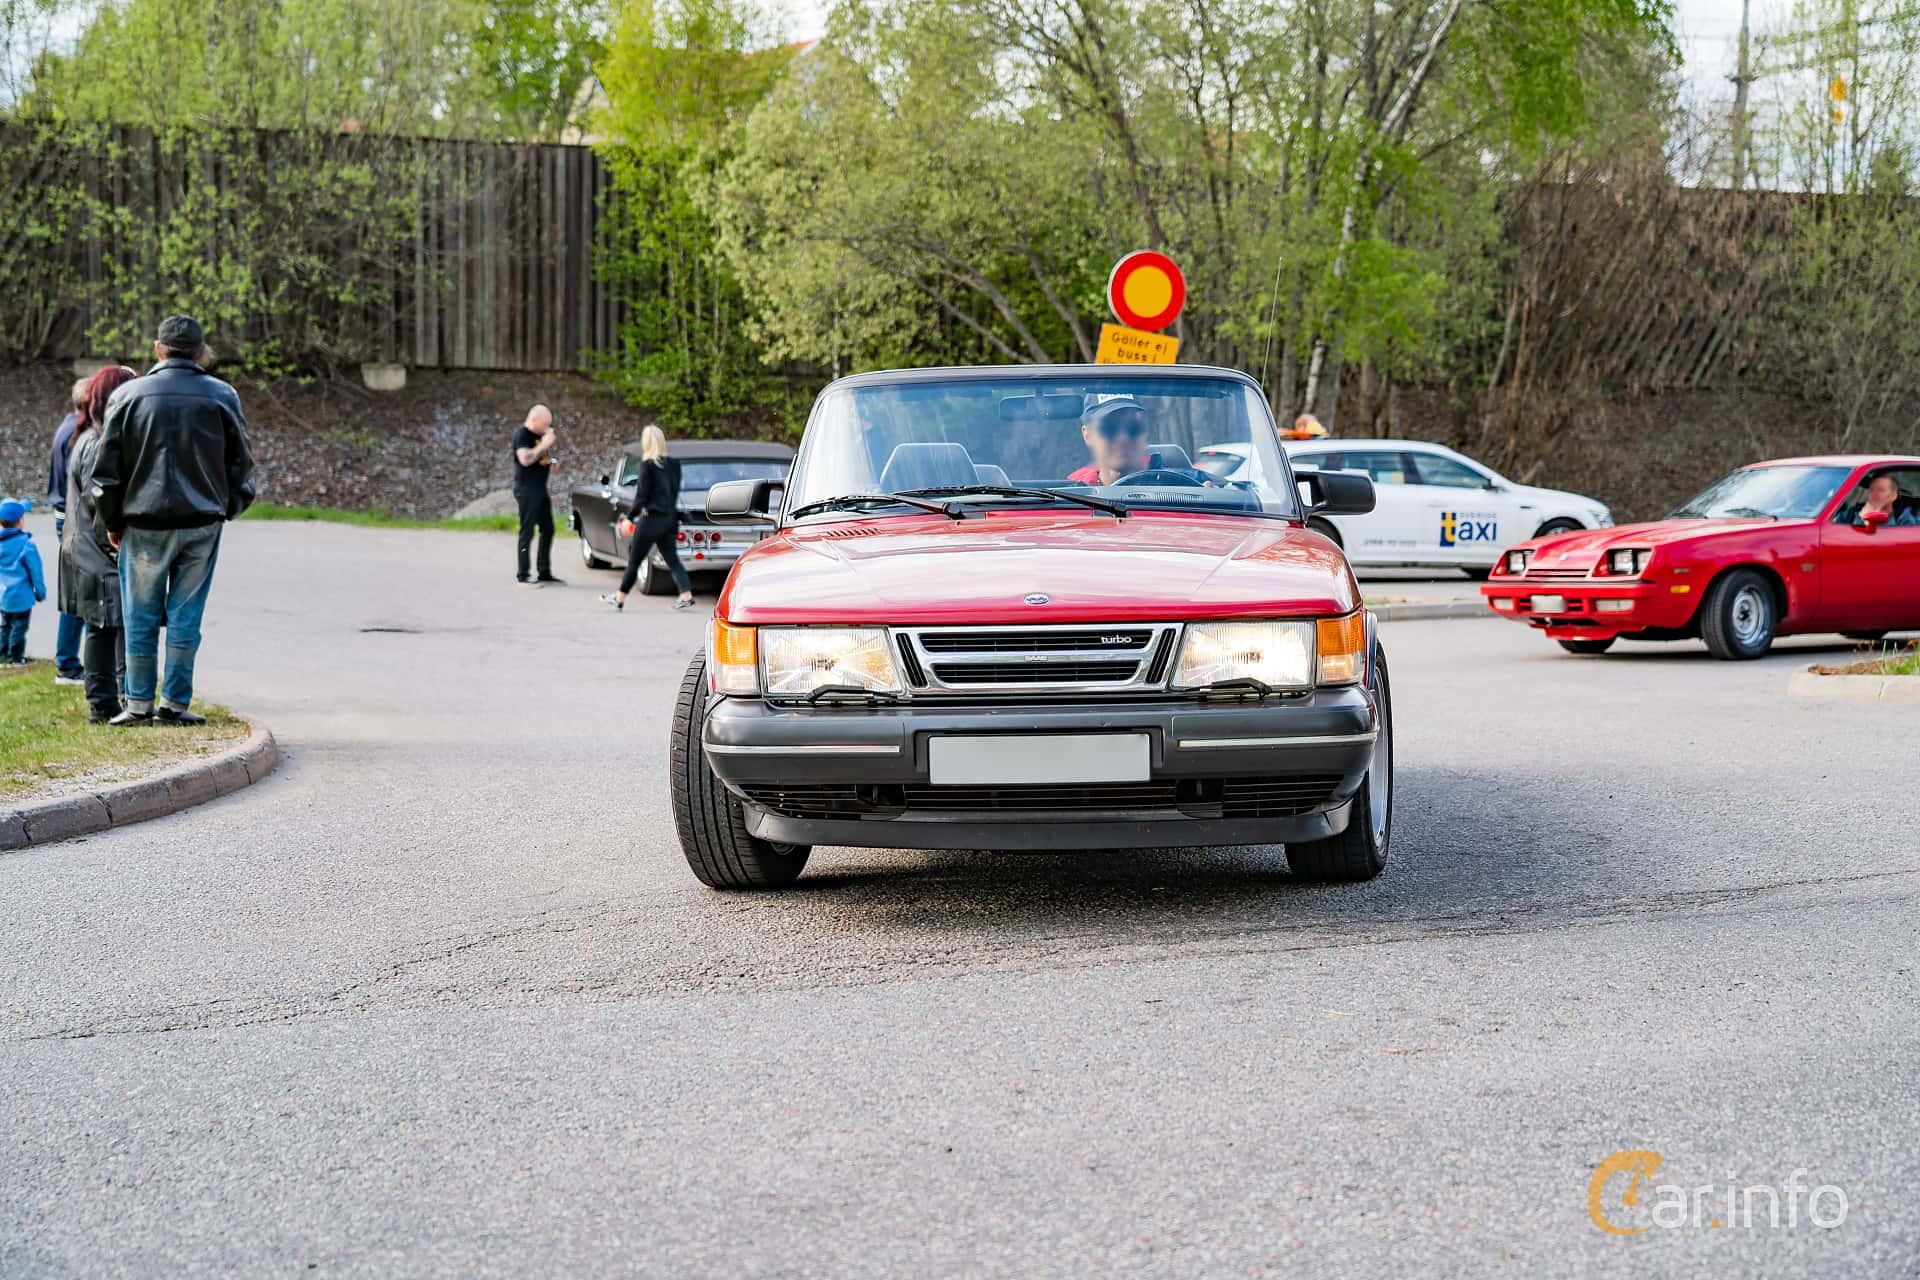 Saab 900 Convertible 2.0 Manual, 160hp, 1990 at Vårcruising Järna 2019